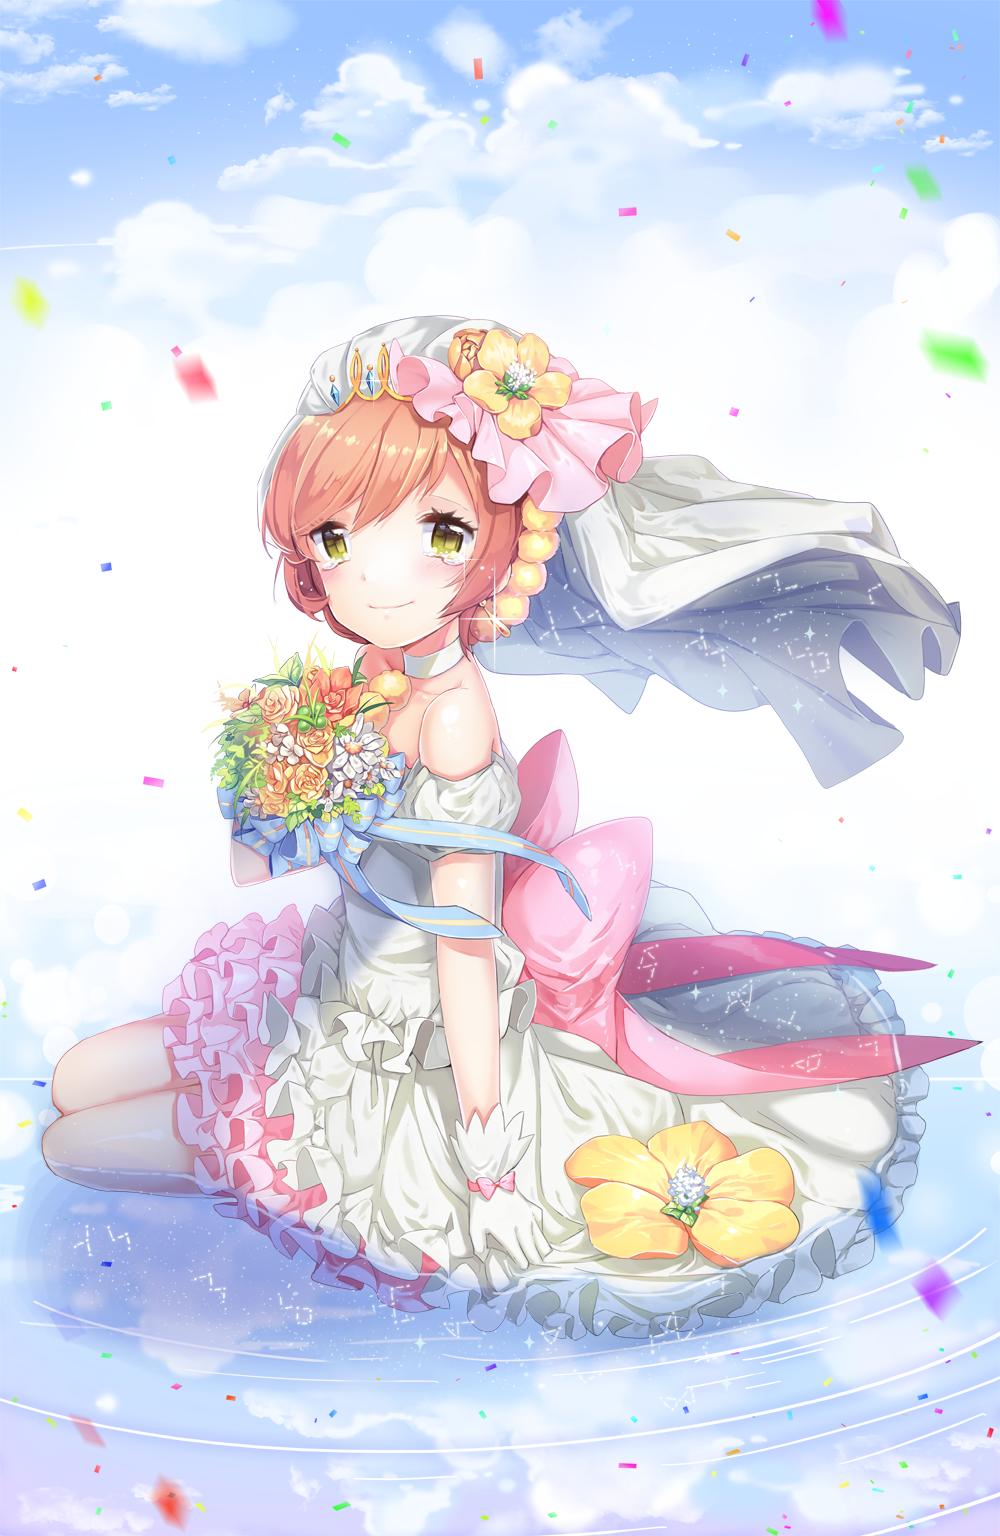 ラブライブ! 星空凛 / LoveLive! Hoshizora Rin #671